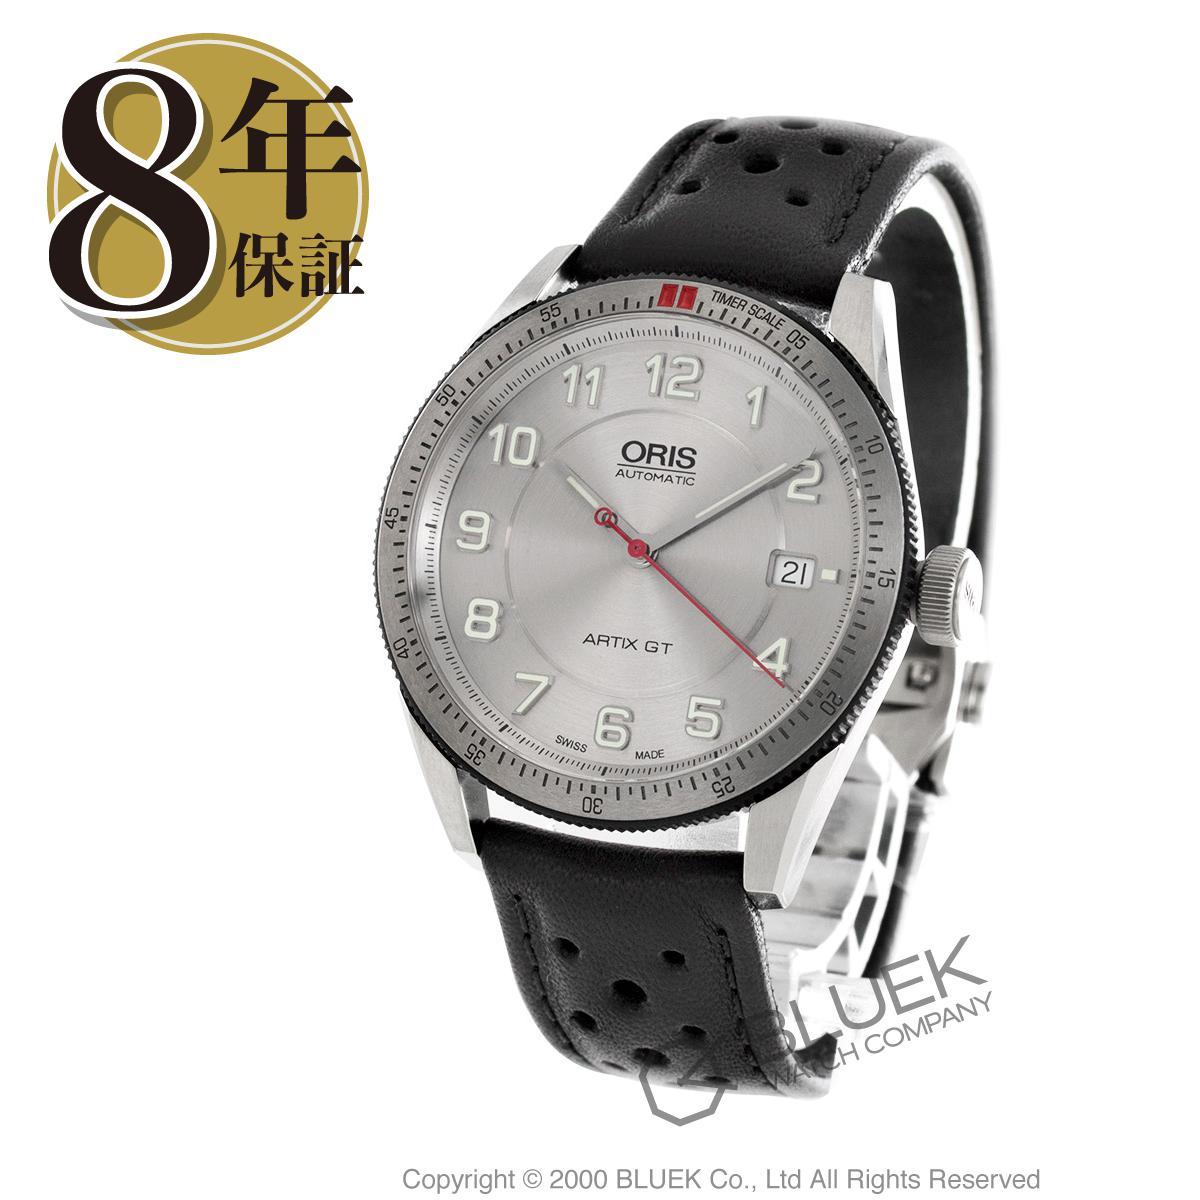 オリス ORIS 腕時計 アーティックス GT メンズ 733 7671 4461D_8